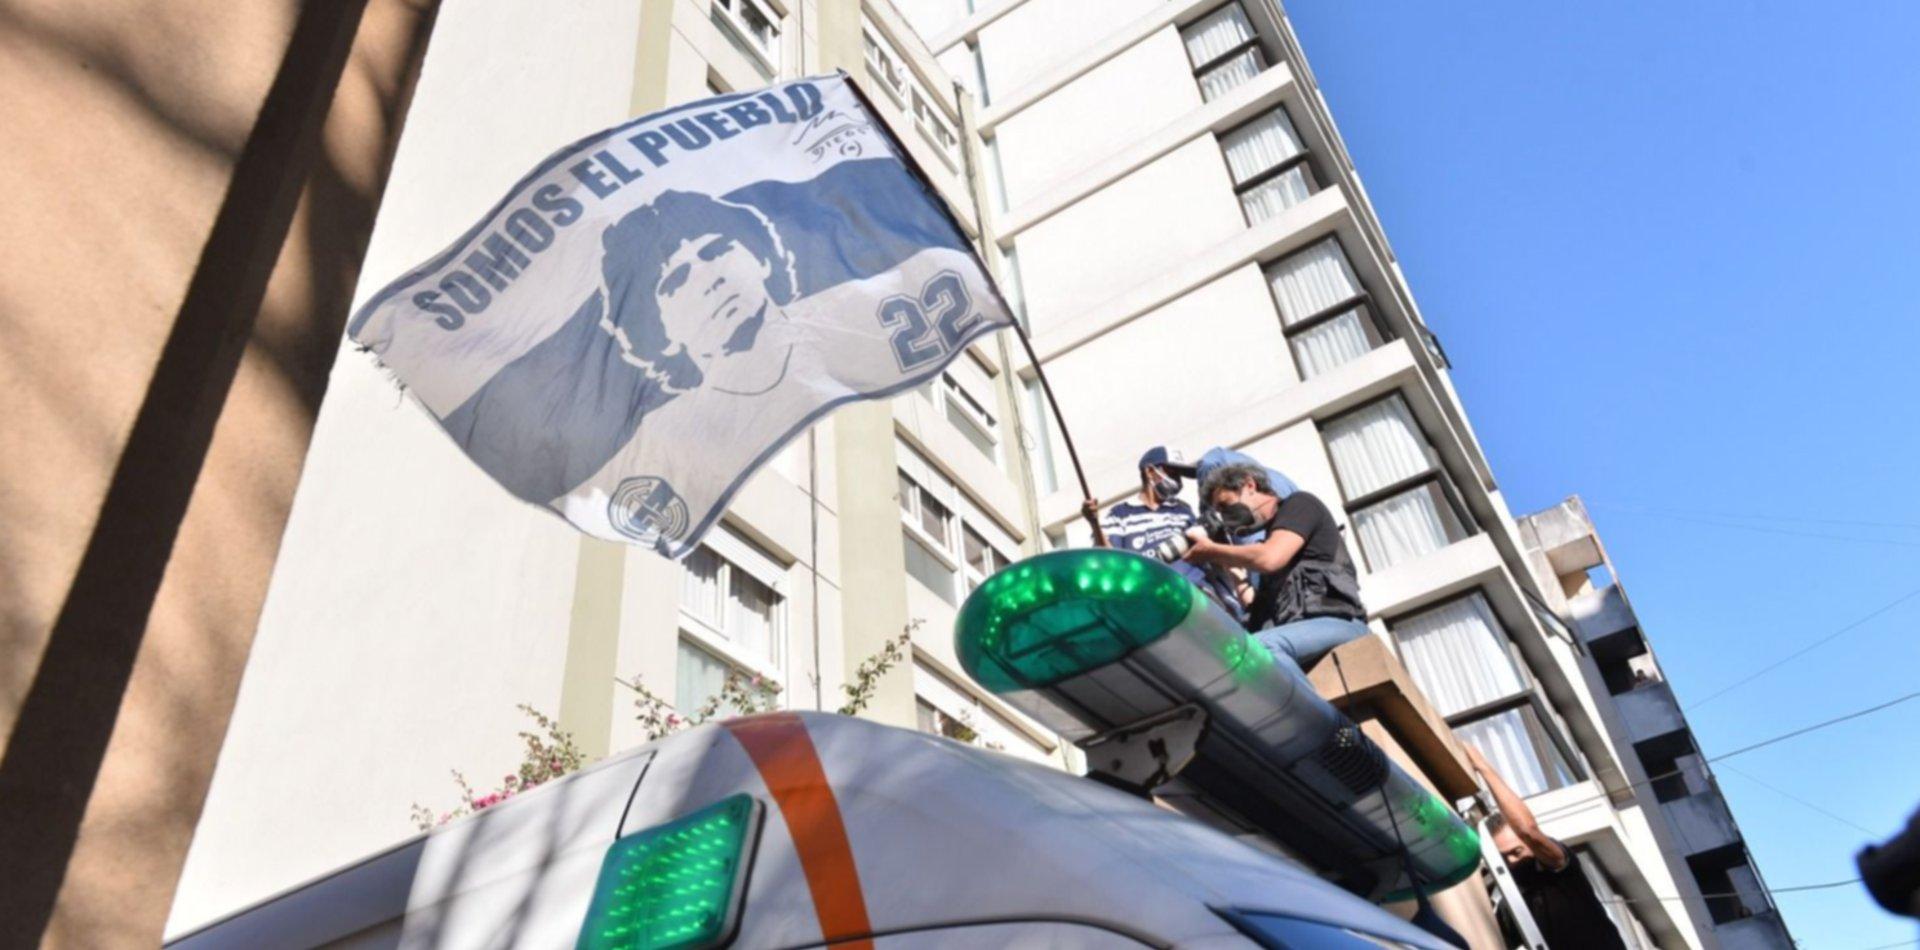 Tres días de duelo por la muerte de Maradona y la agenda presidencial será suspendida